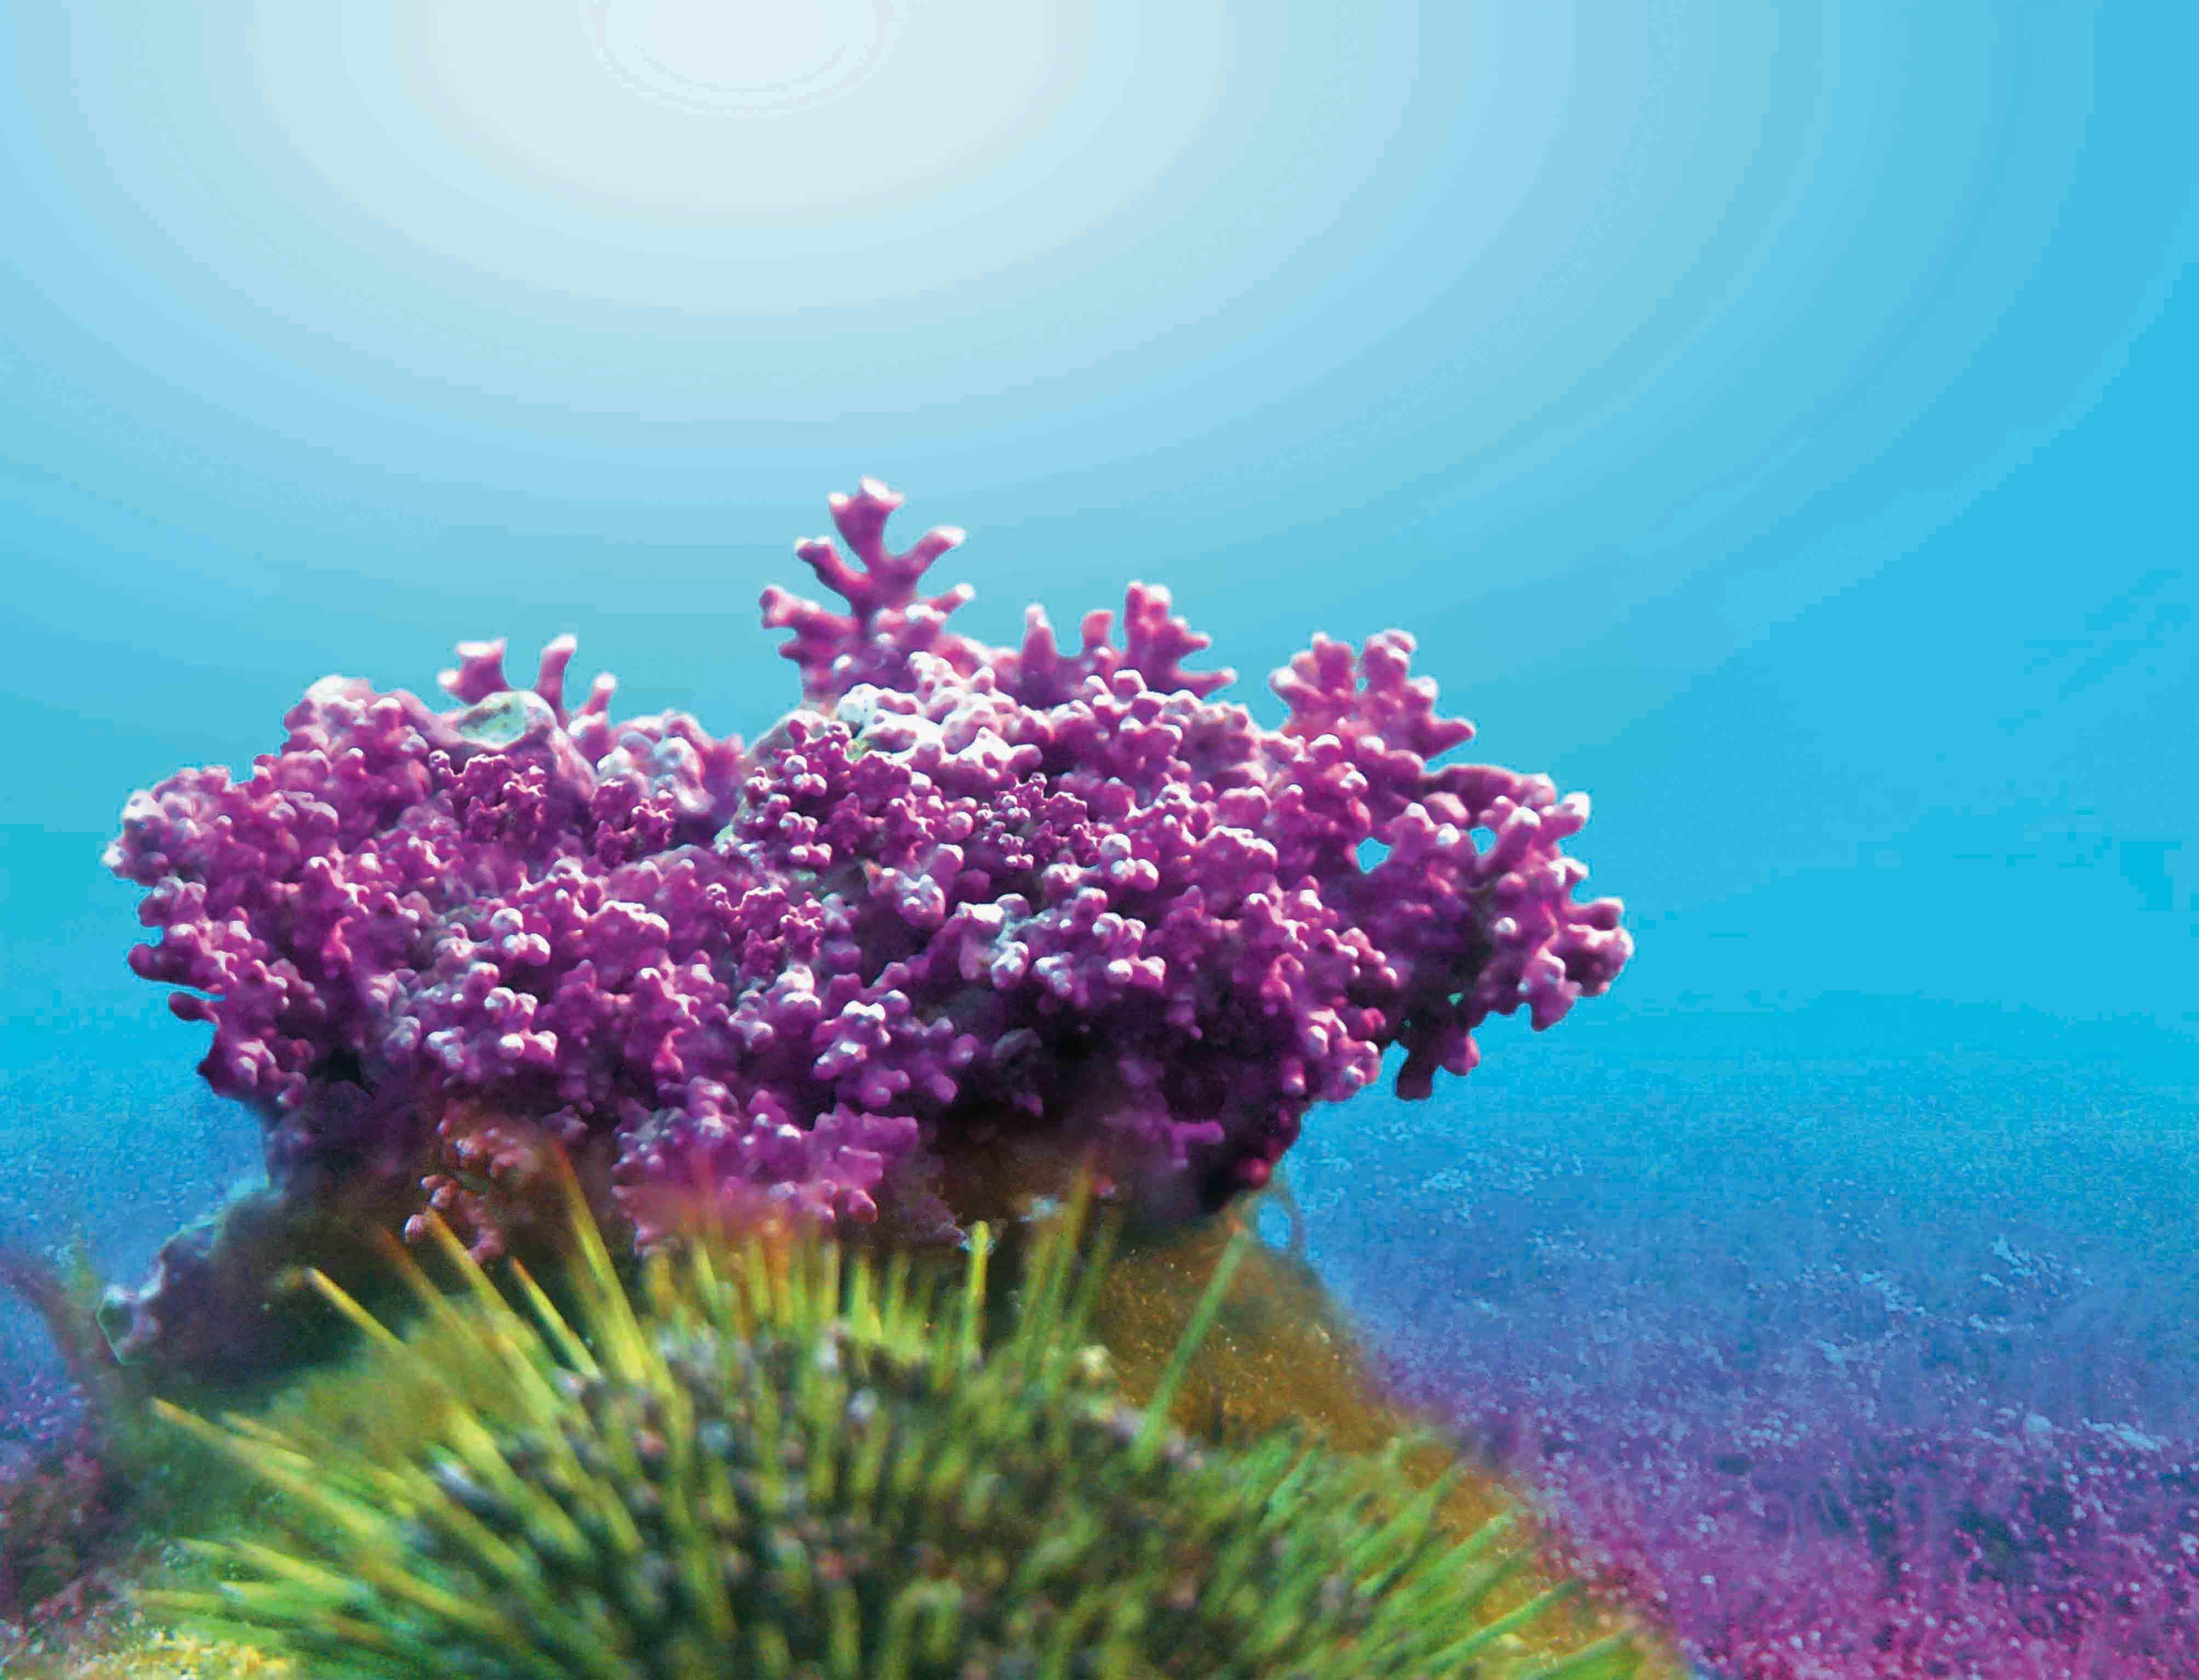 Red Algae Vegan Capsules - Review